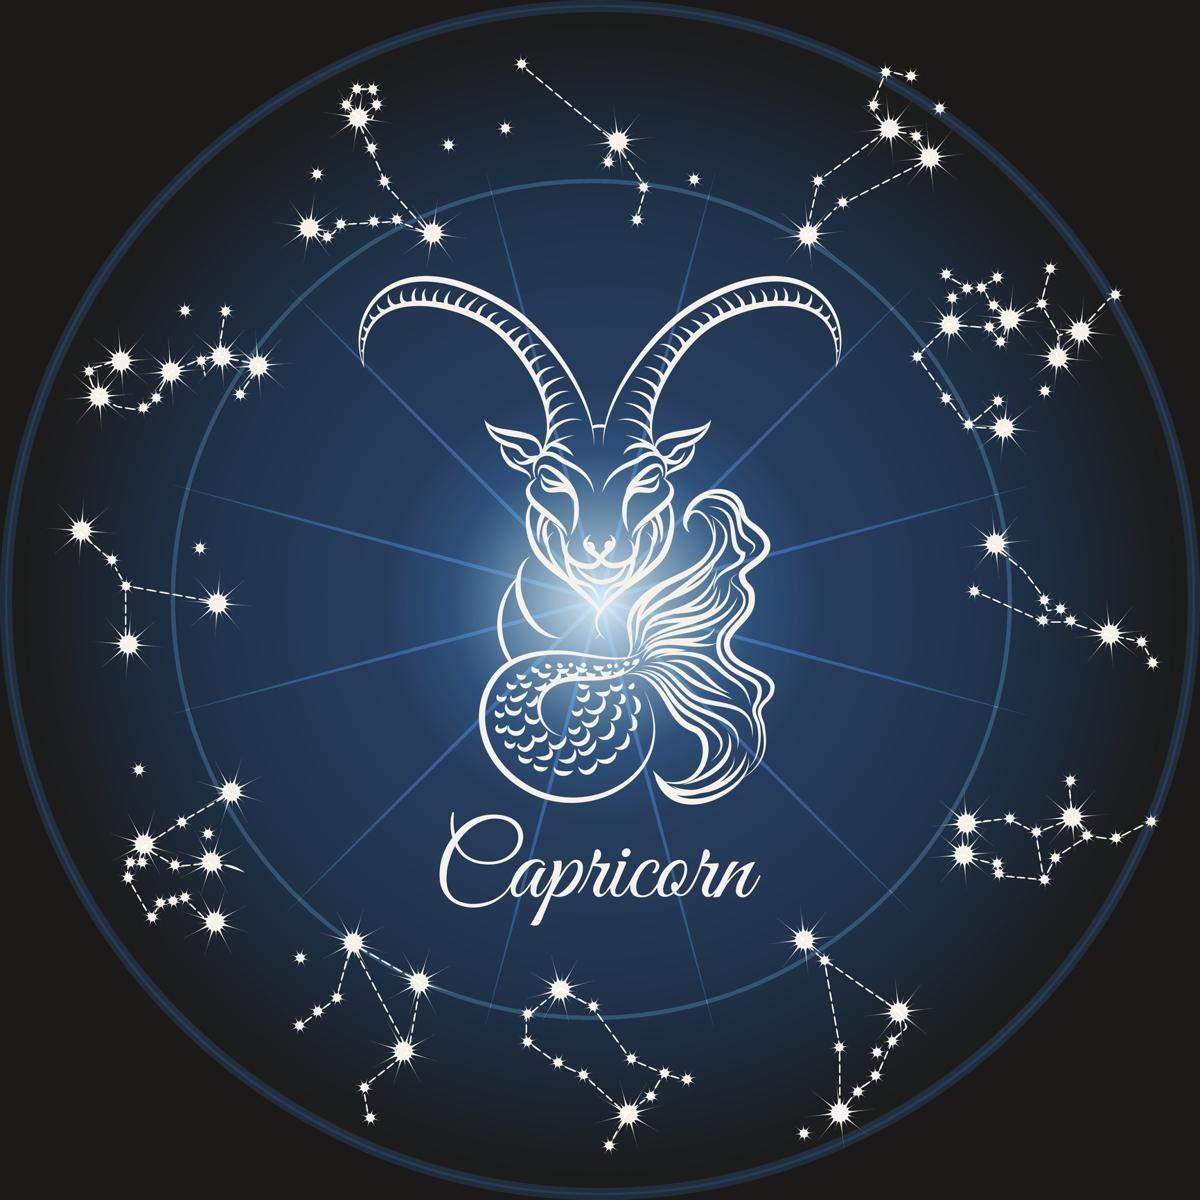 Signe astrologique du Capricorne - Voyance-confiance.fr